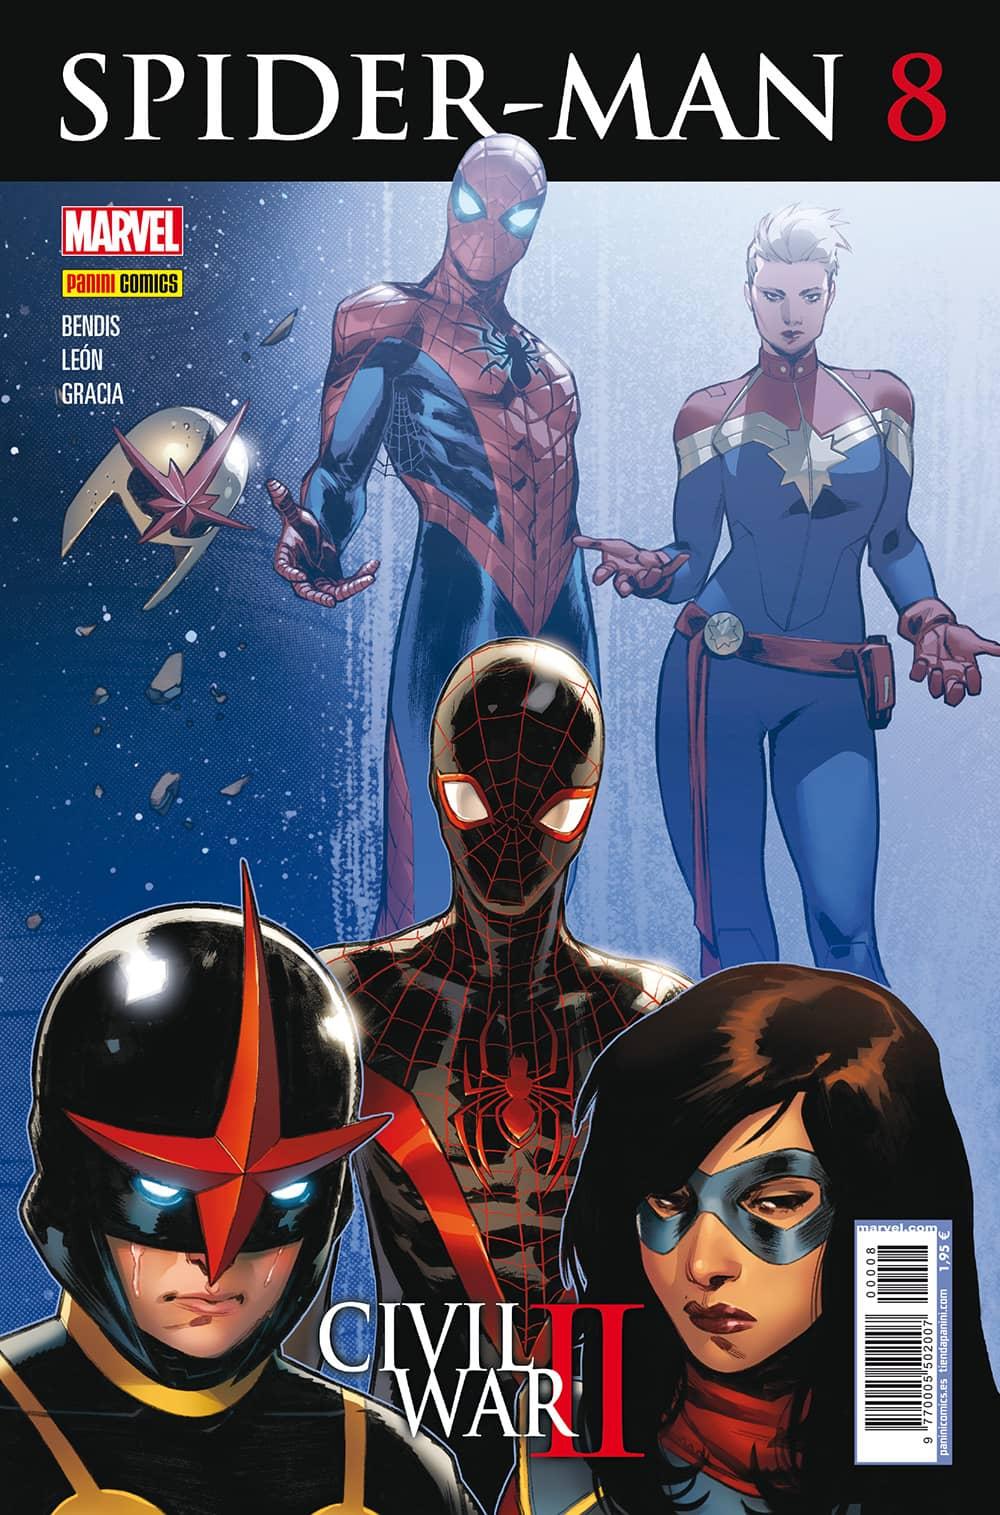 SPIDER-MAN 08 (CIVIL WAR II)